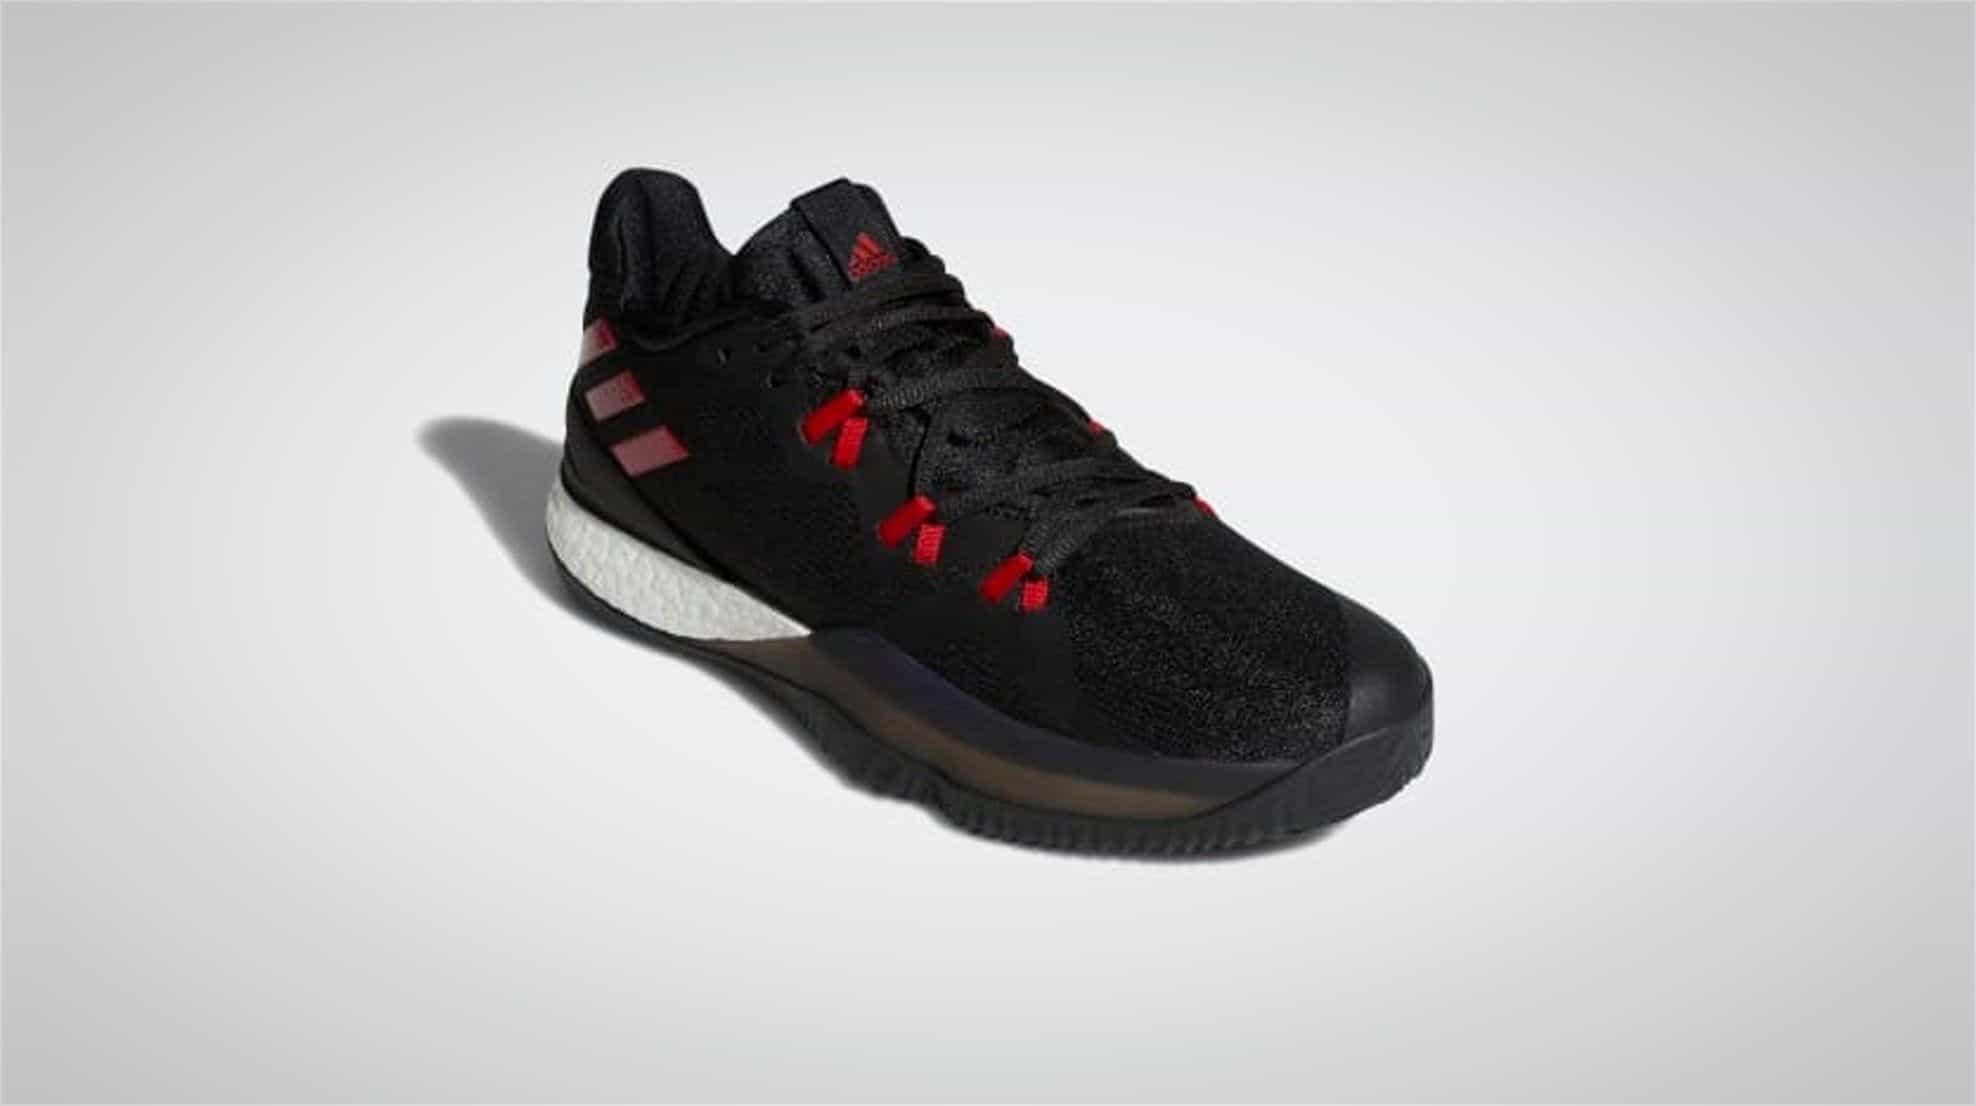 3d02b0c73e54 Adidas Crazylight Boost 2018 Shoe Review - BestOutdoorBasketball